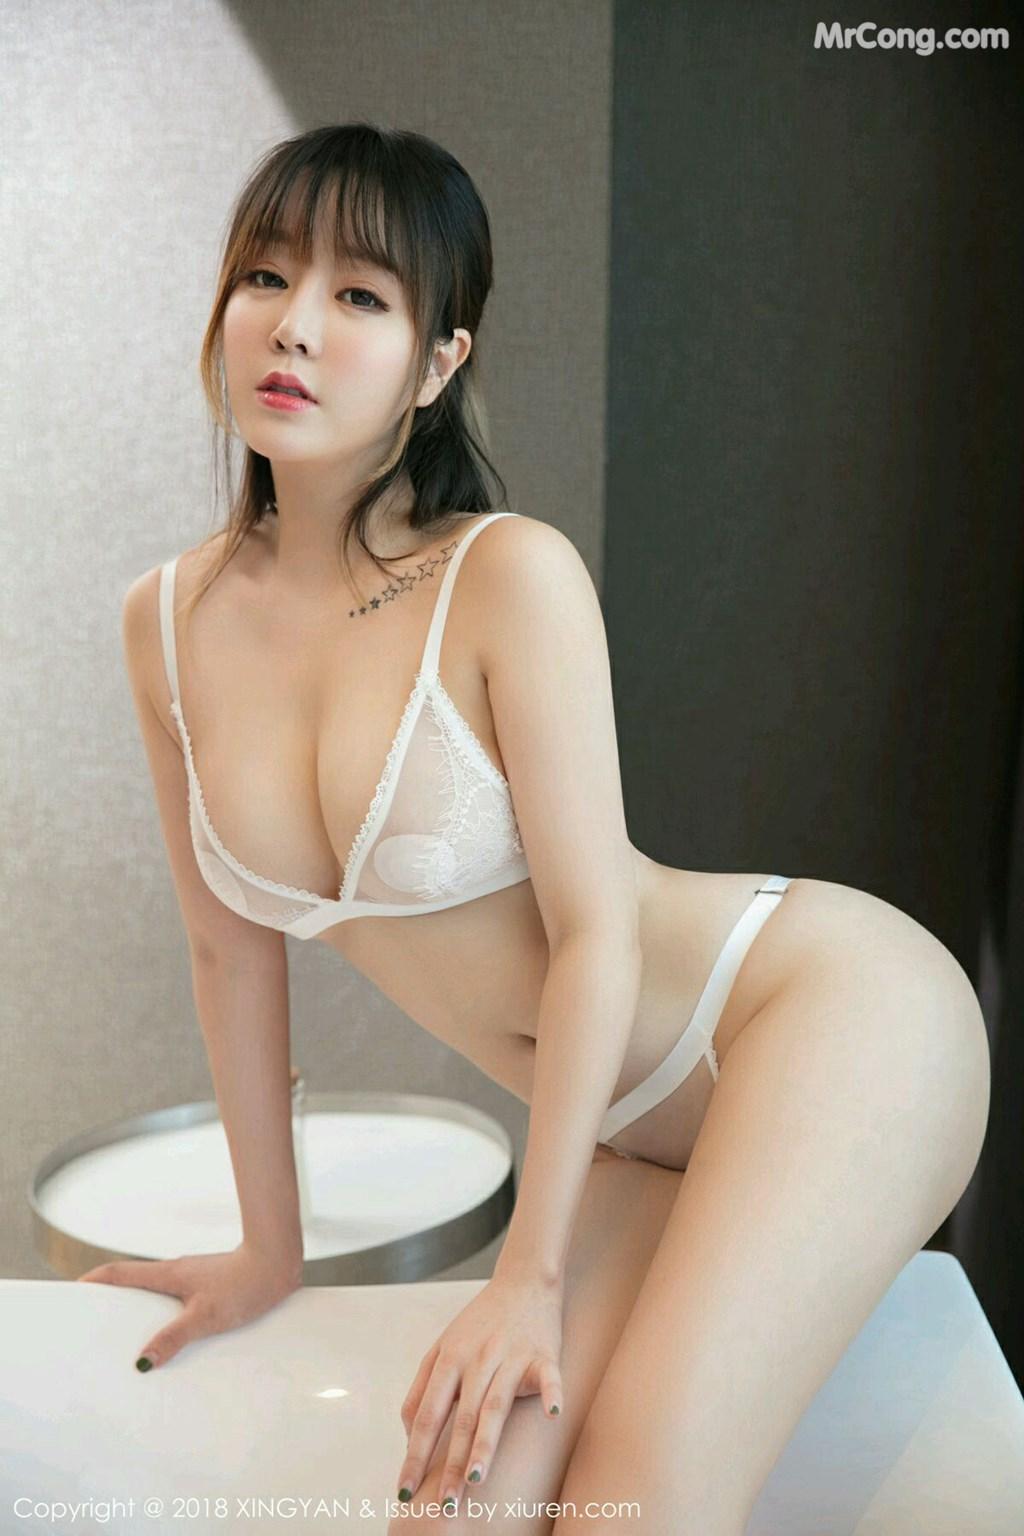 Image XingYan-Vol.076-Wang-Yu-Chun-MrCong.com-010 in post XingYan Vol.076: Người mẫu Wang Yu Chun (王雨纯) (41 ảnh)